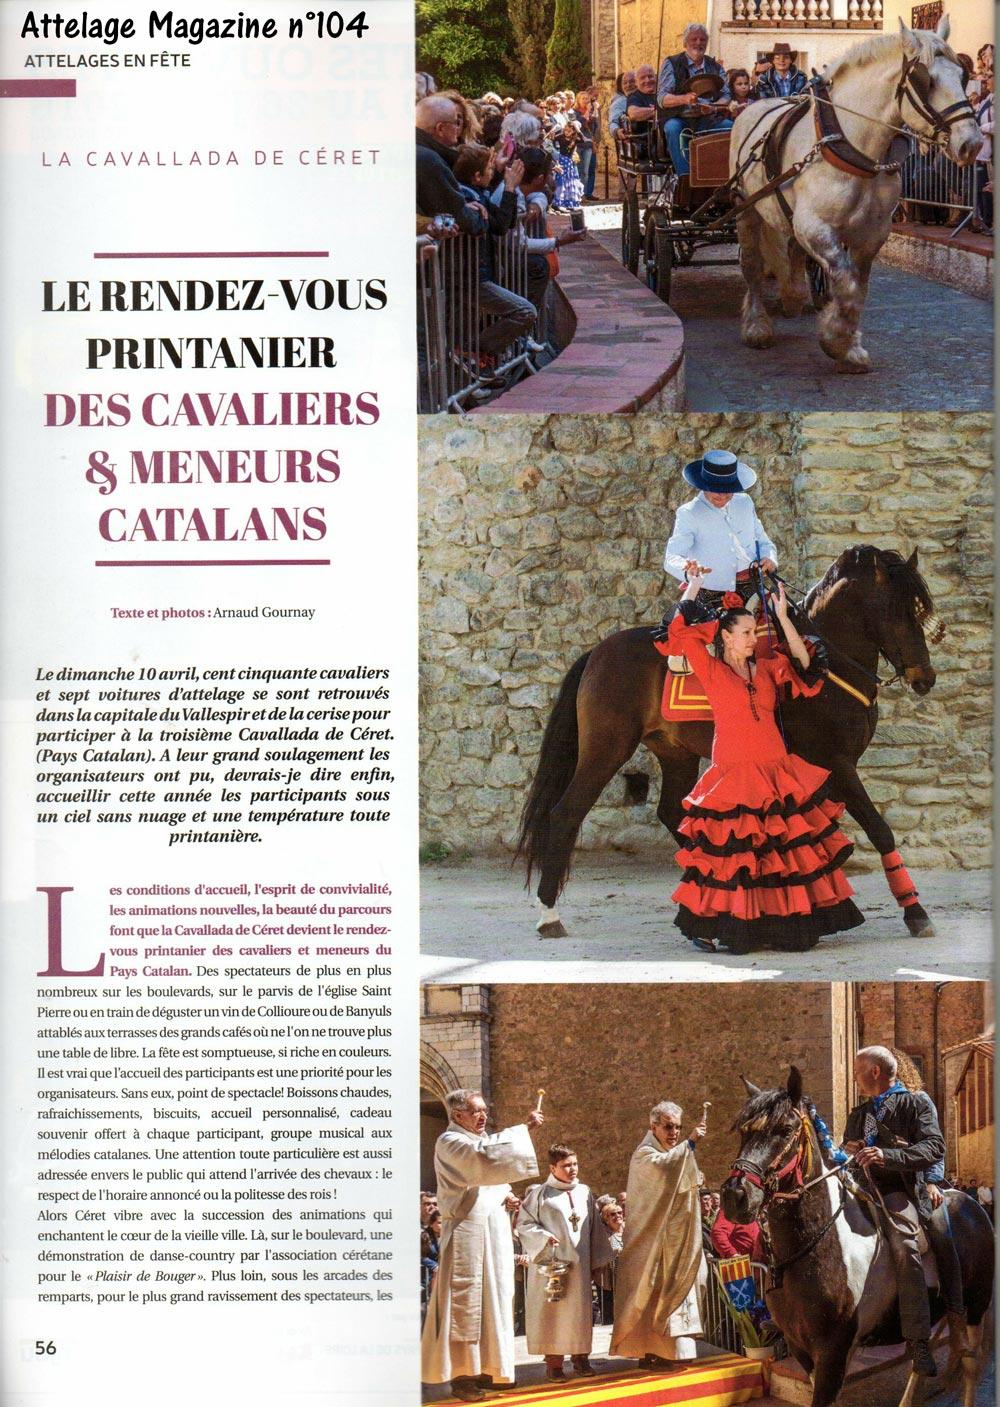 Attelages mag n° 104 page 1